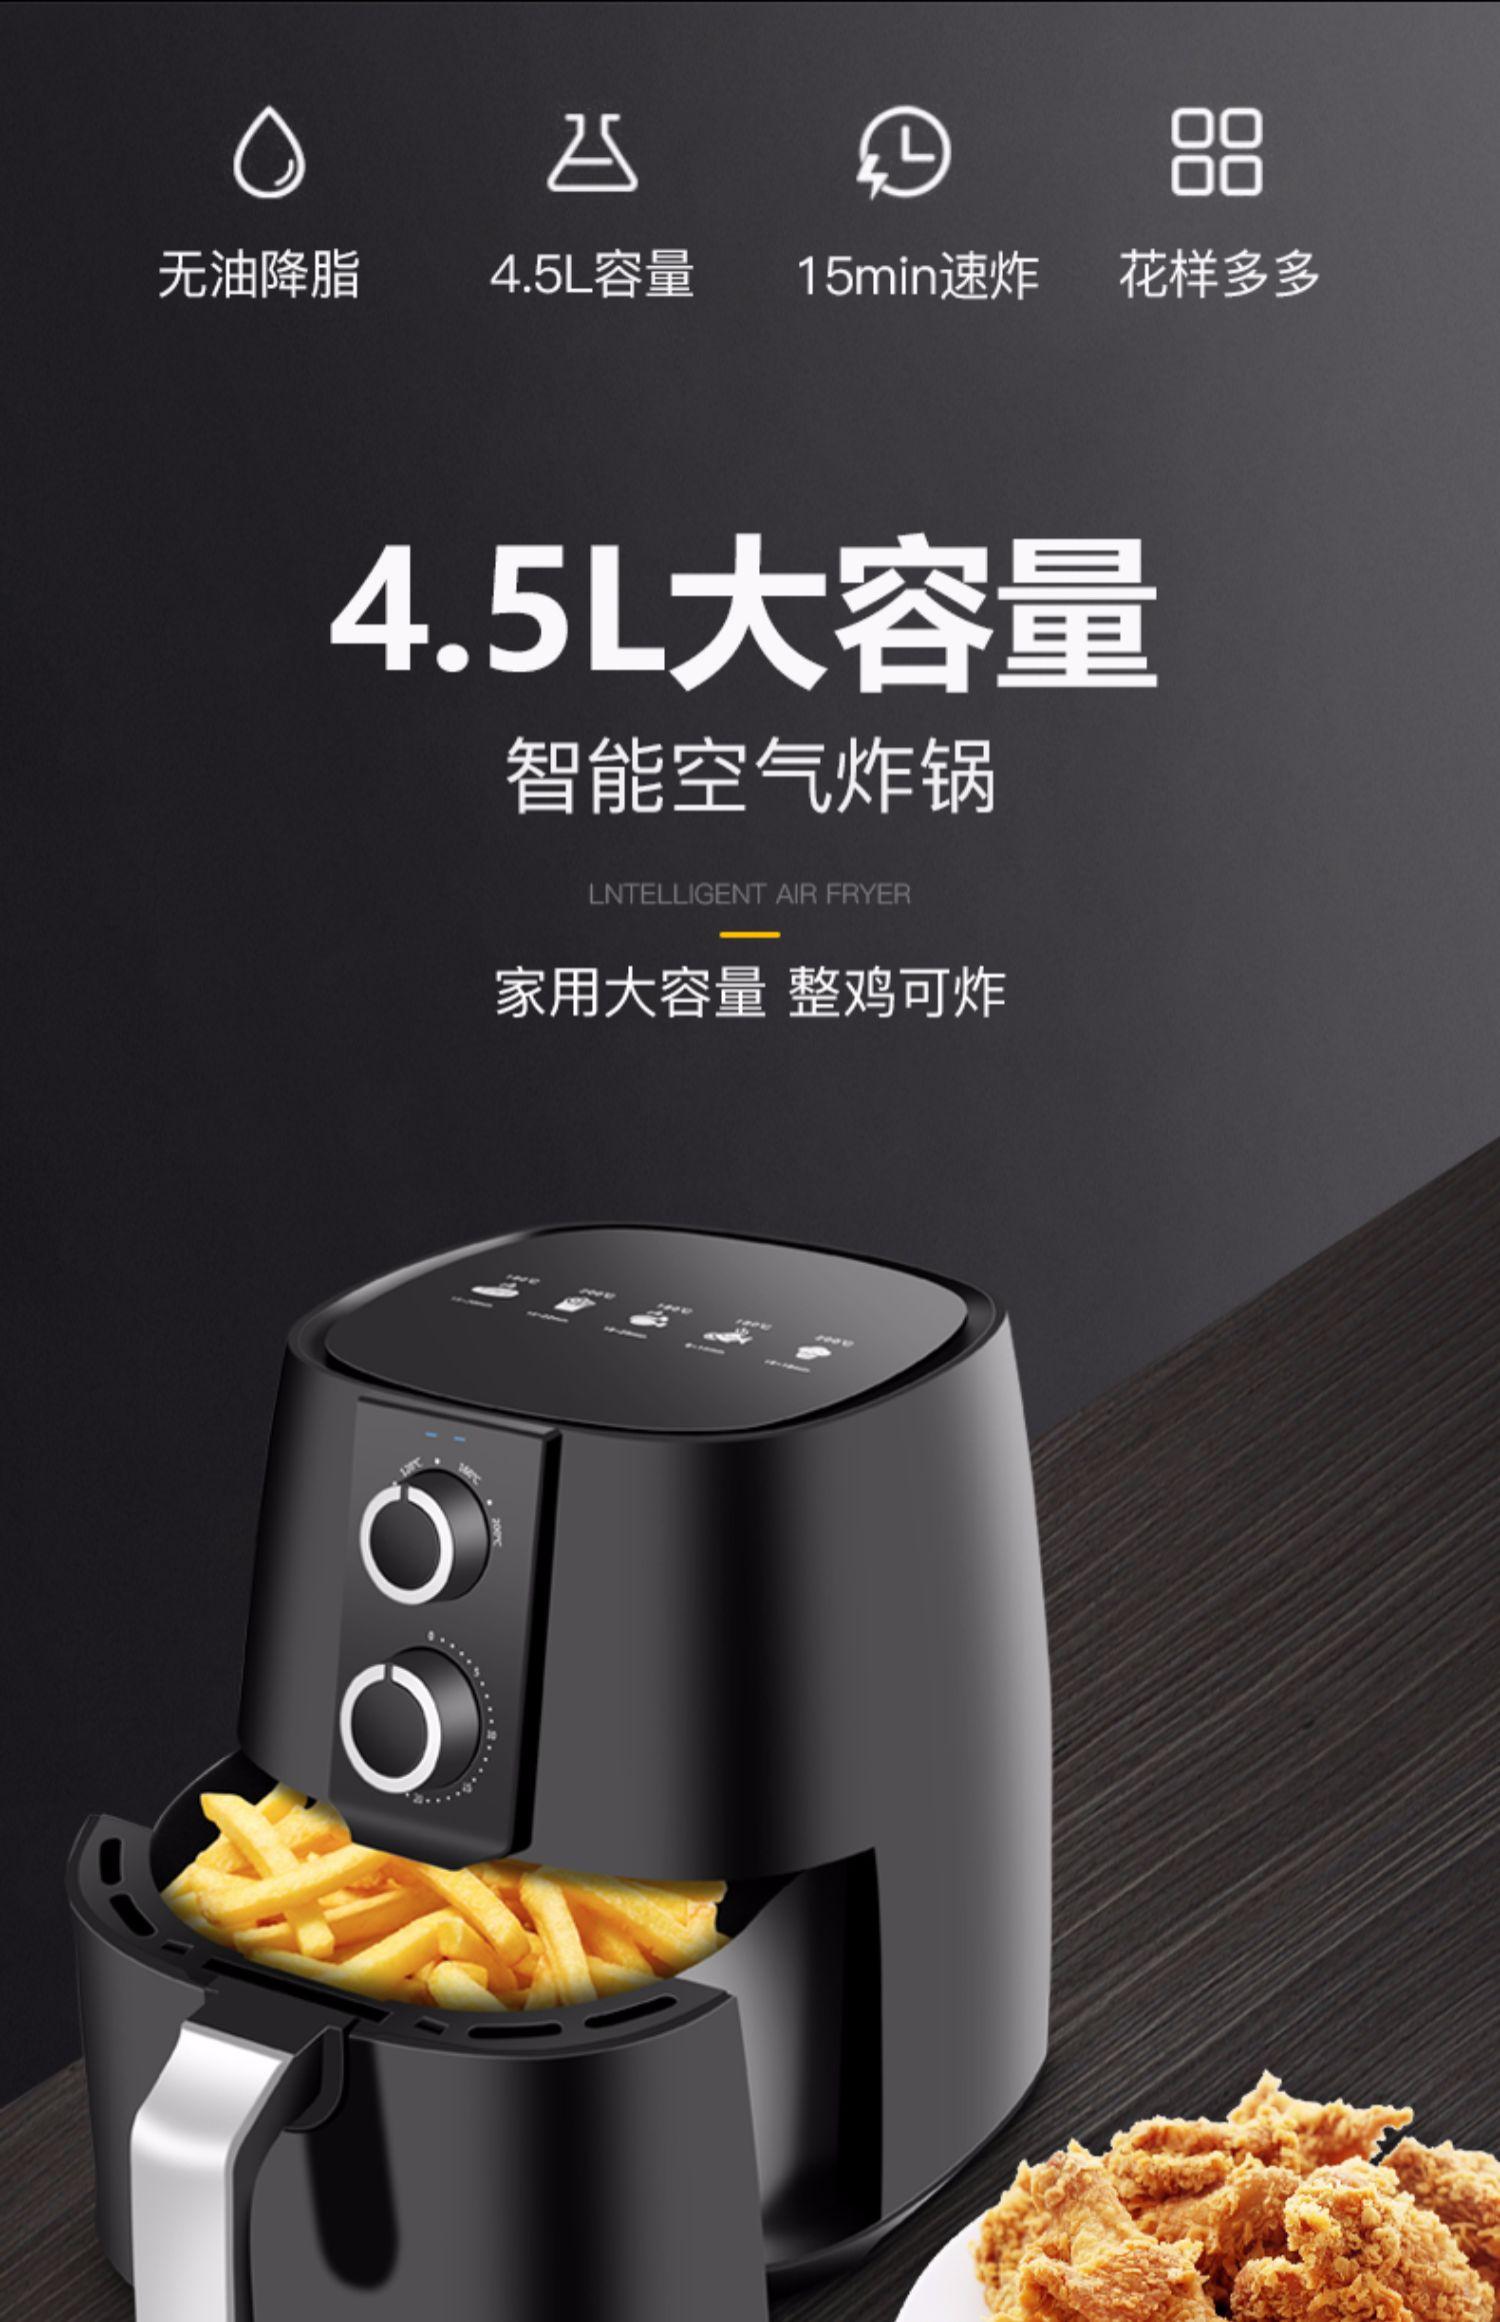 空气炸锅4.5L家用多功能智能薯条机全自动大容量无油空气电炸锅商品详情图